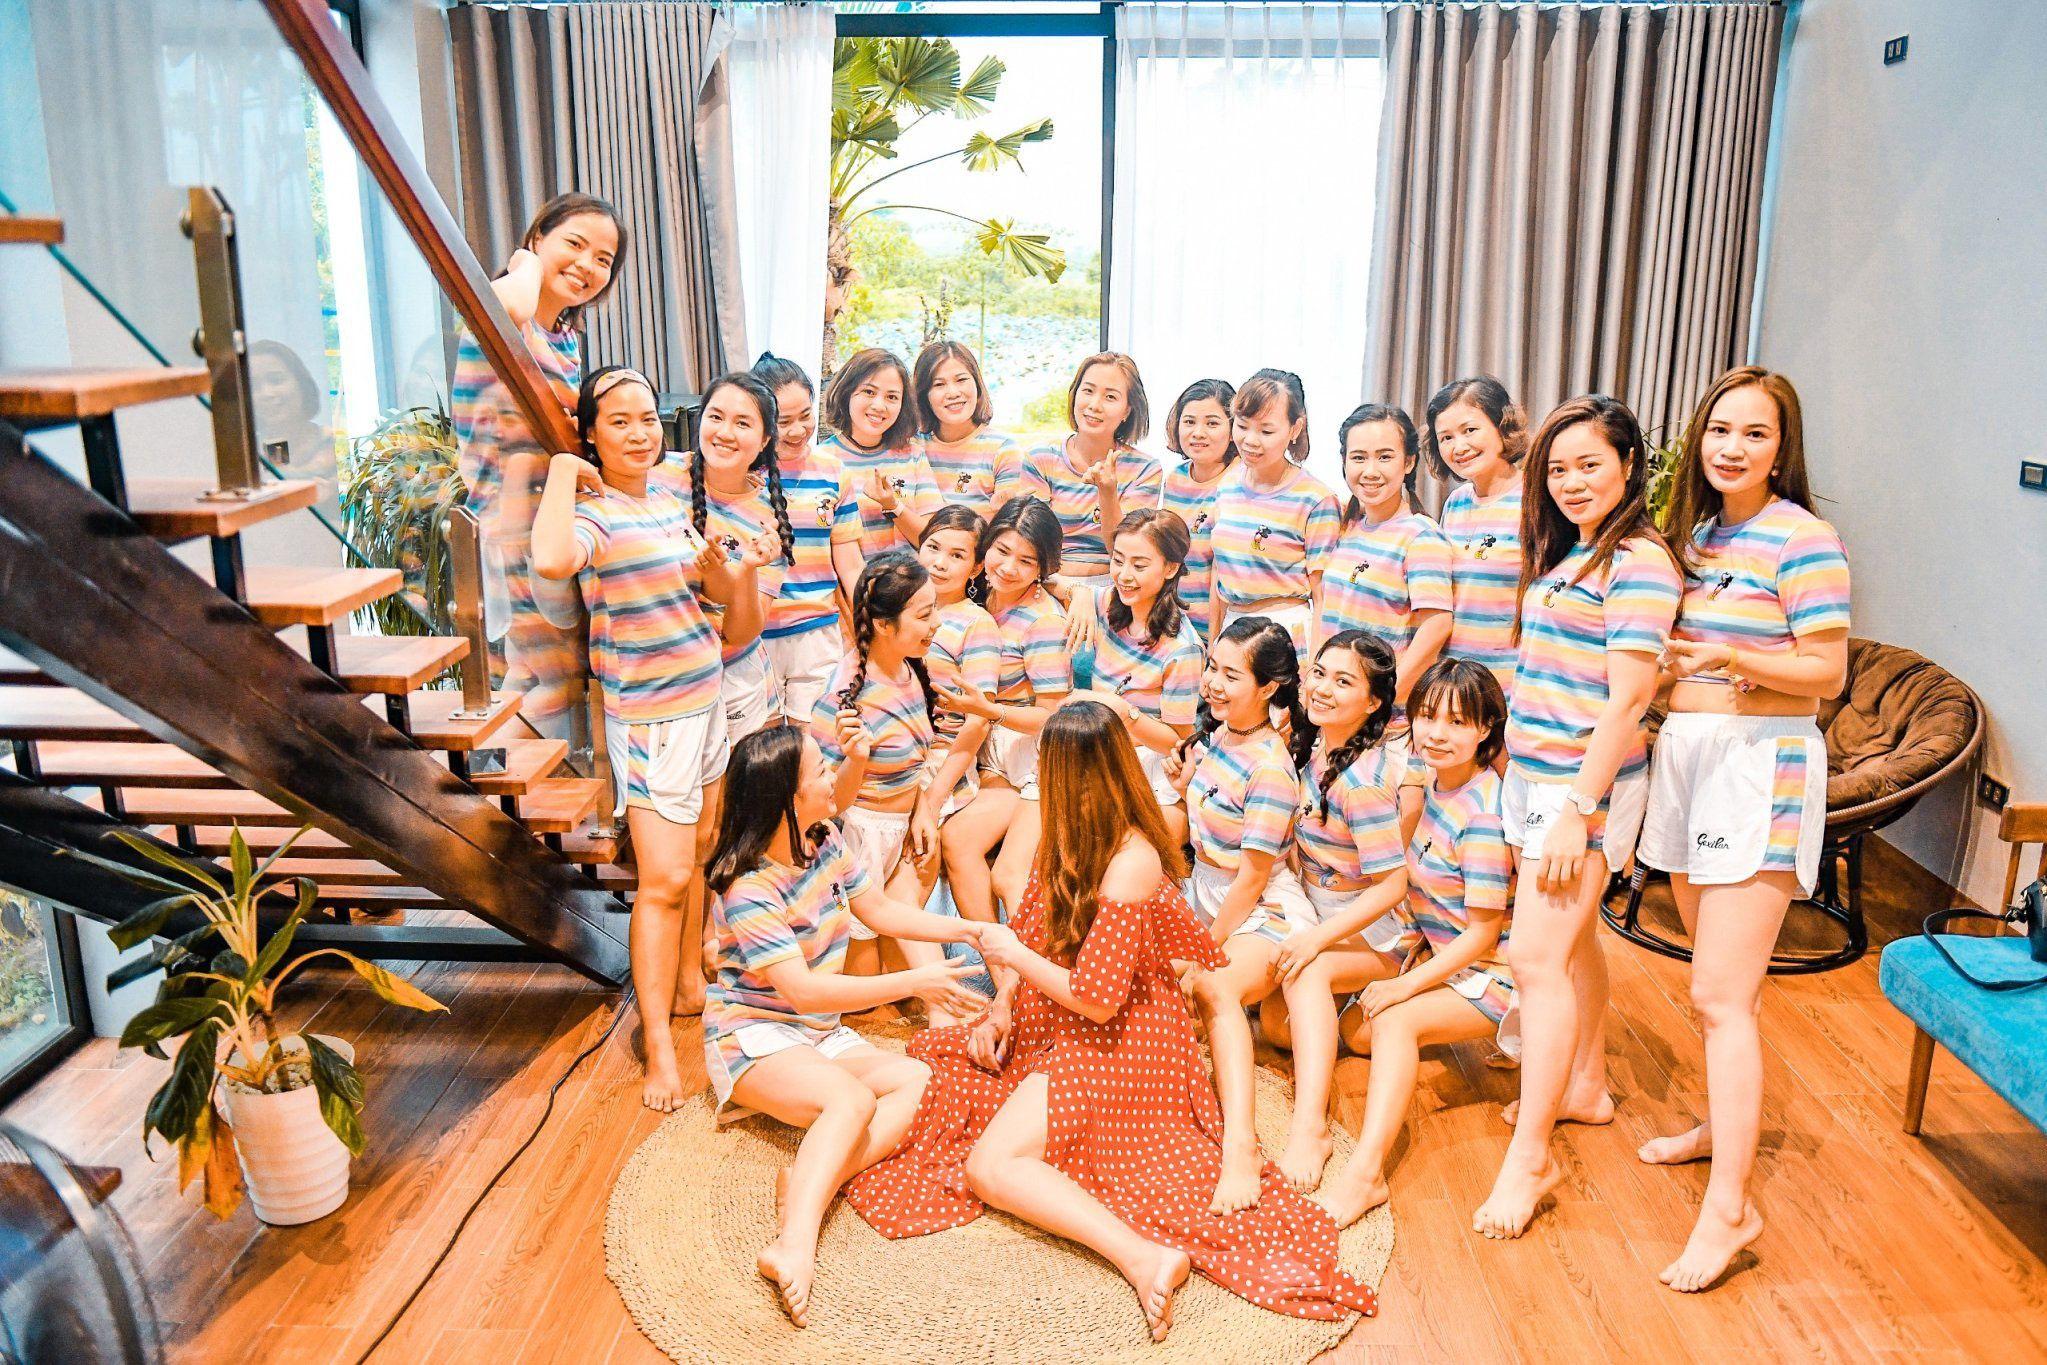 hoat-dong-tai-villa-22-sen-villas-homestay-ba-vi-ha-noi-03